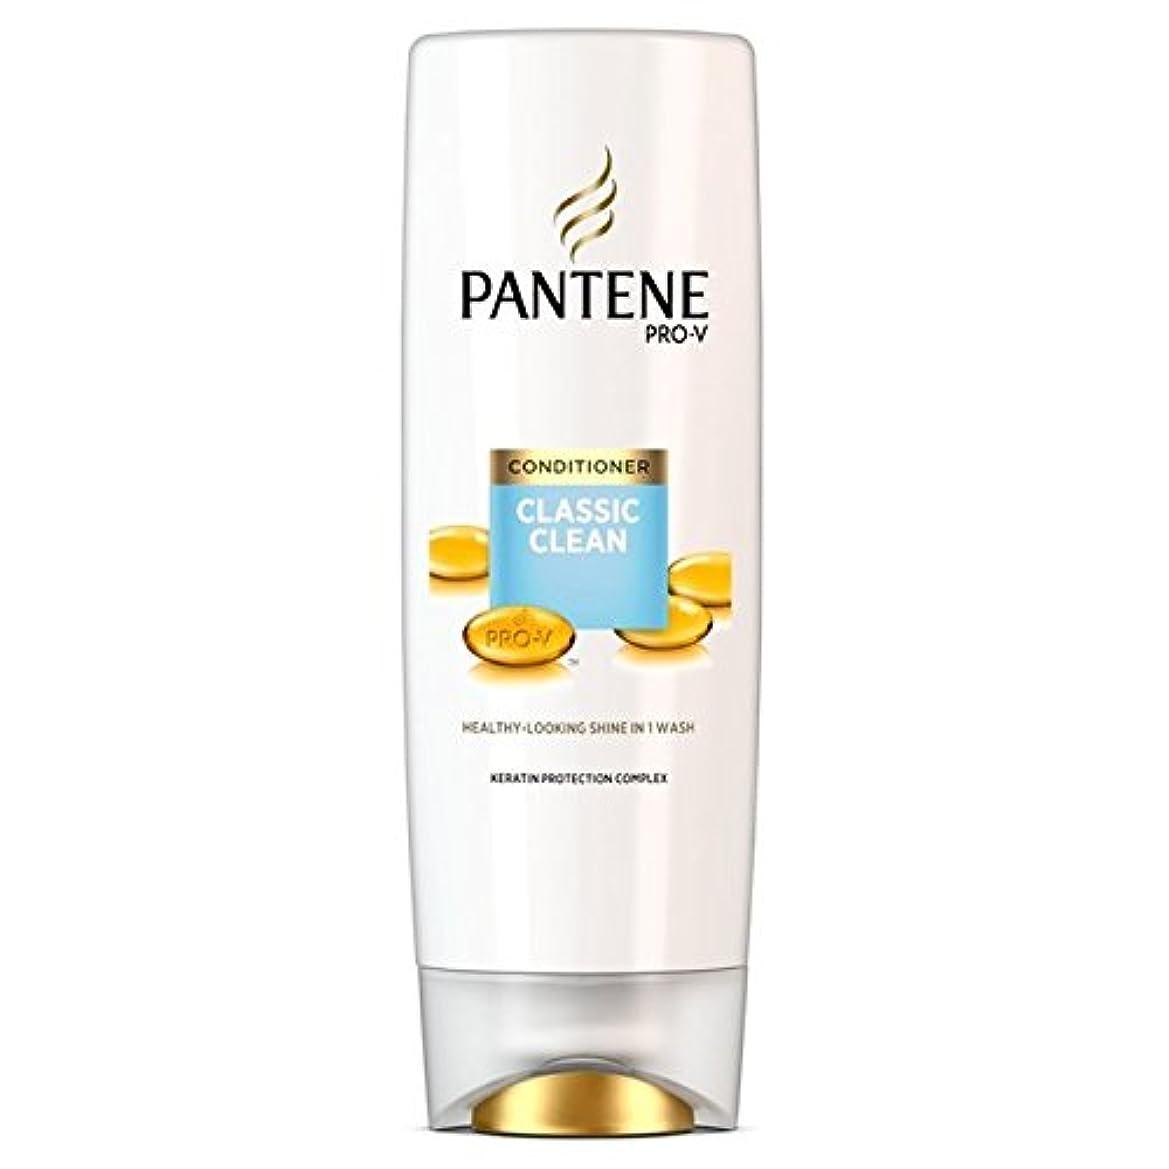 バナナを除く申し込むパンテーン古典的なクリーンコンディショナー360ミリリットル x4 - Pantene Classic Clean Conditioner 360ml (Pack of 4) [並行輸入品]